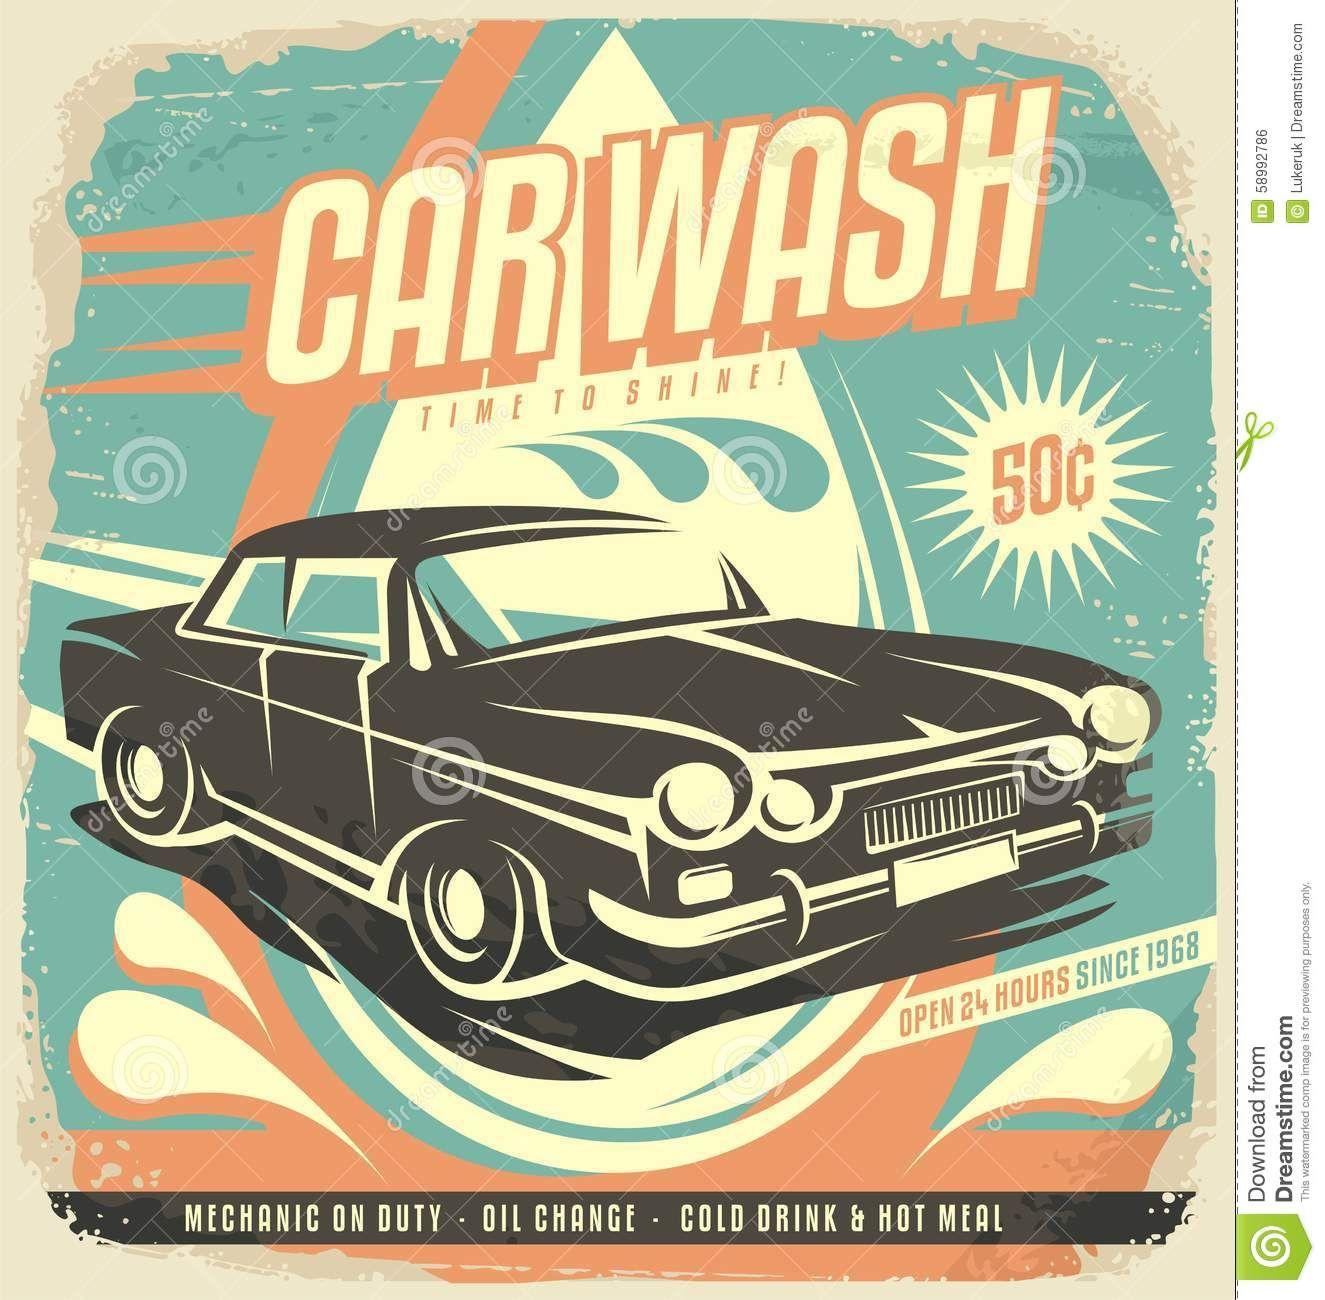 Poster design vector download - Retro Car Wash Poster Design Vintage Classic Illustration